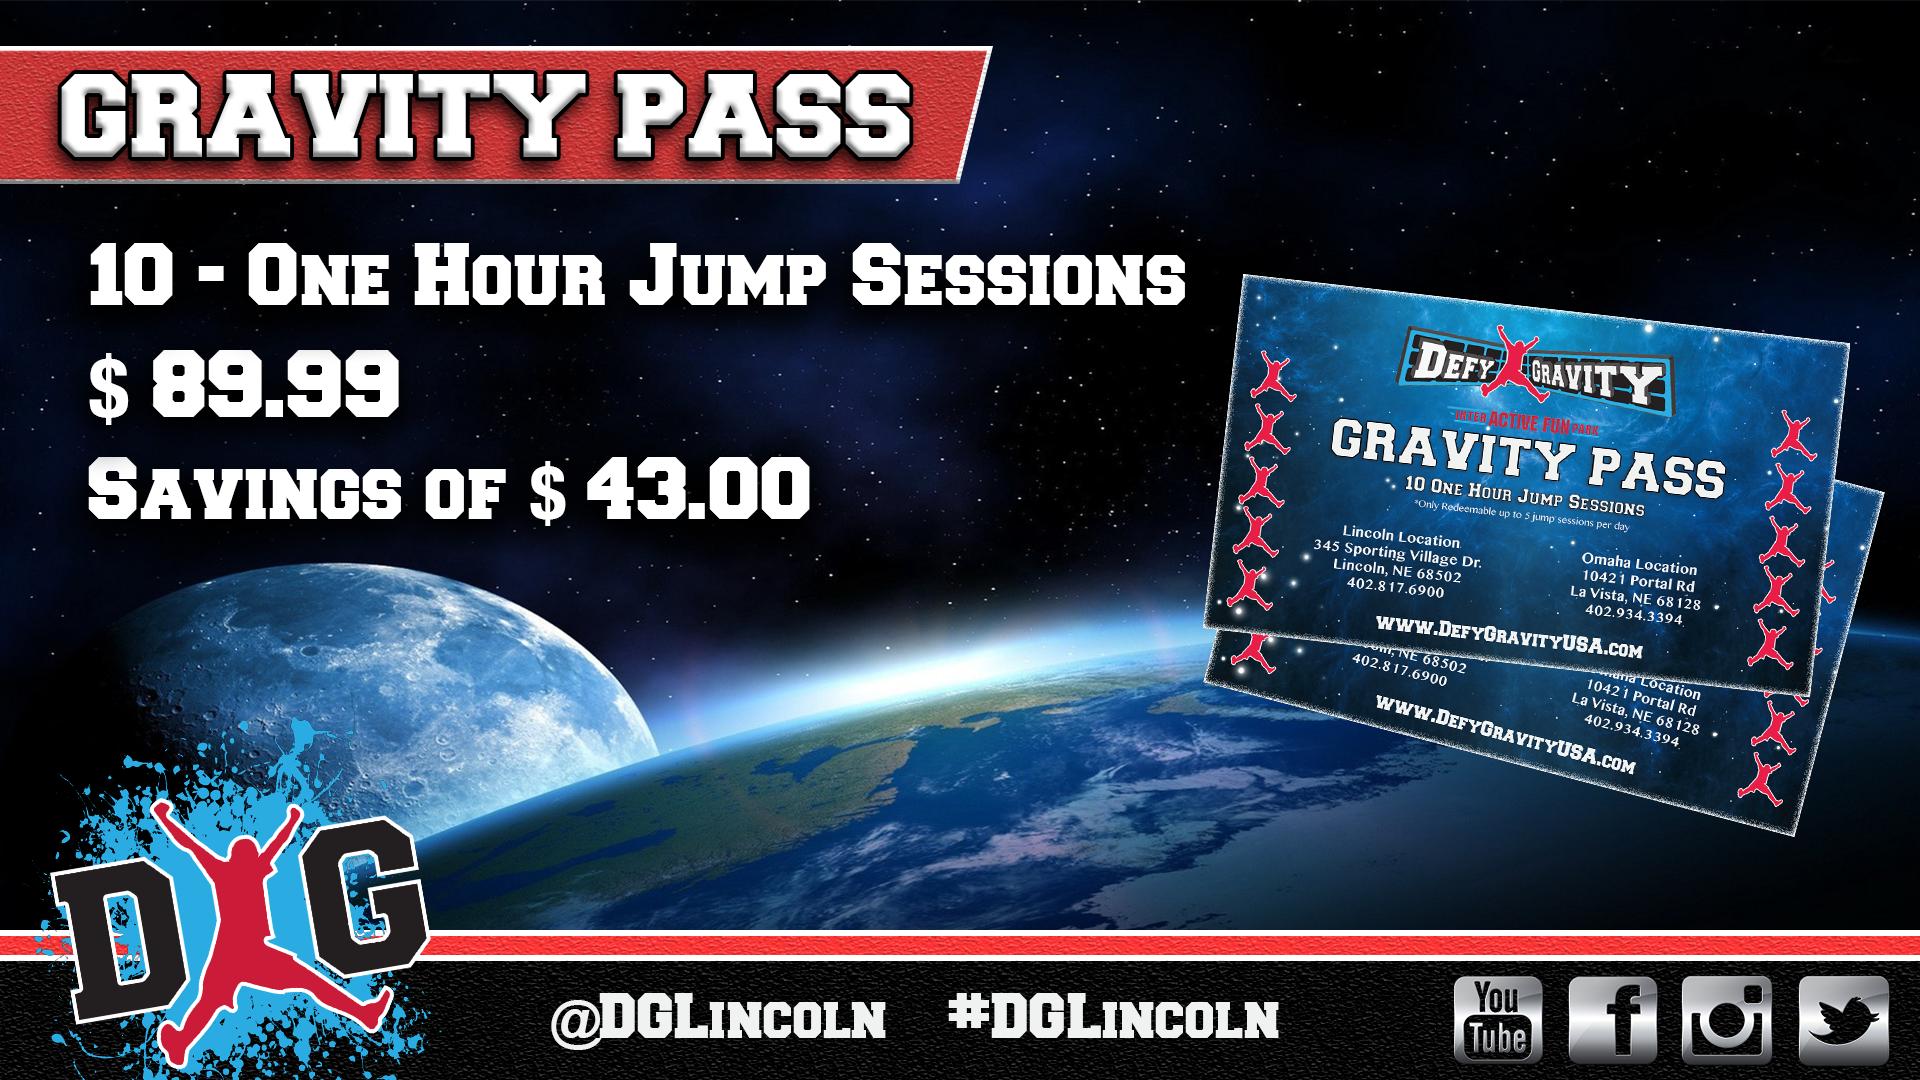 Gravity Pass